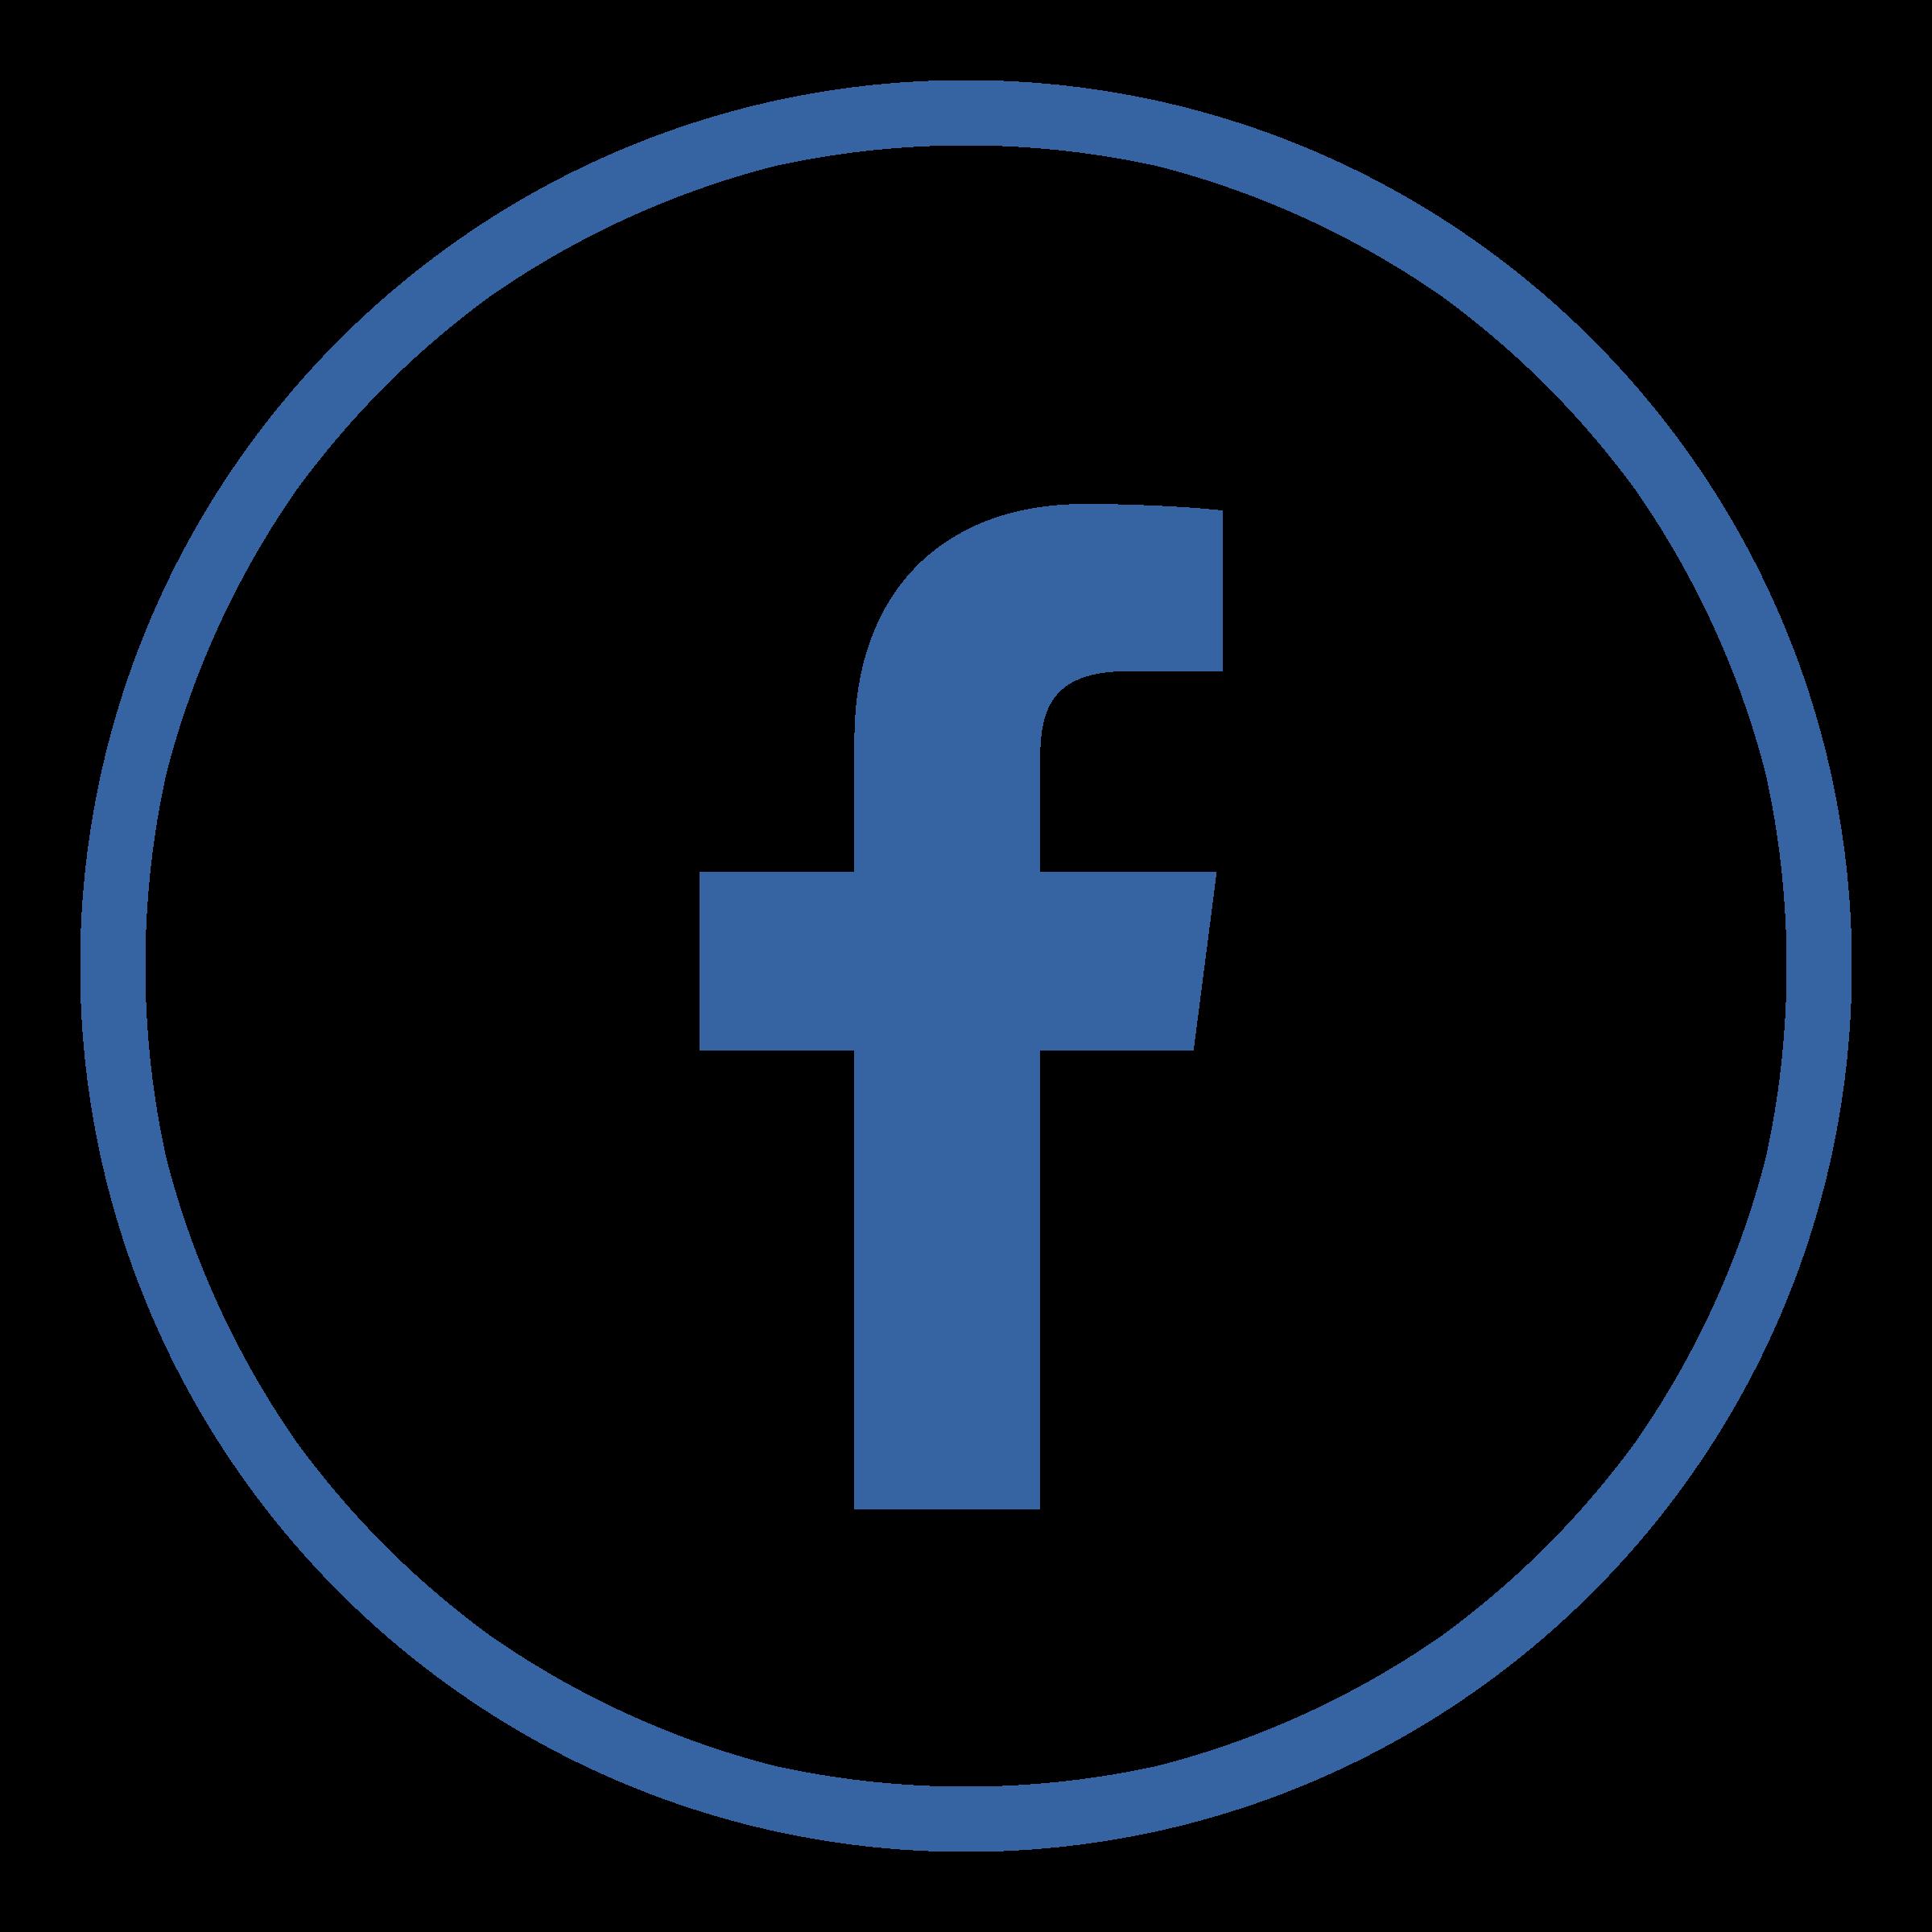 Facebook Logo PNG Transparent & SVG Vector.